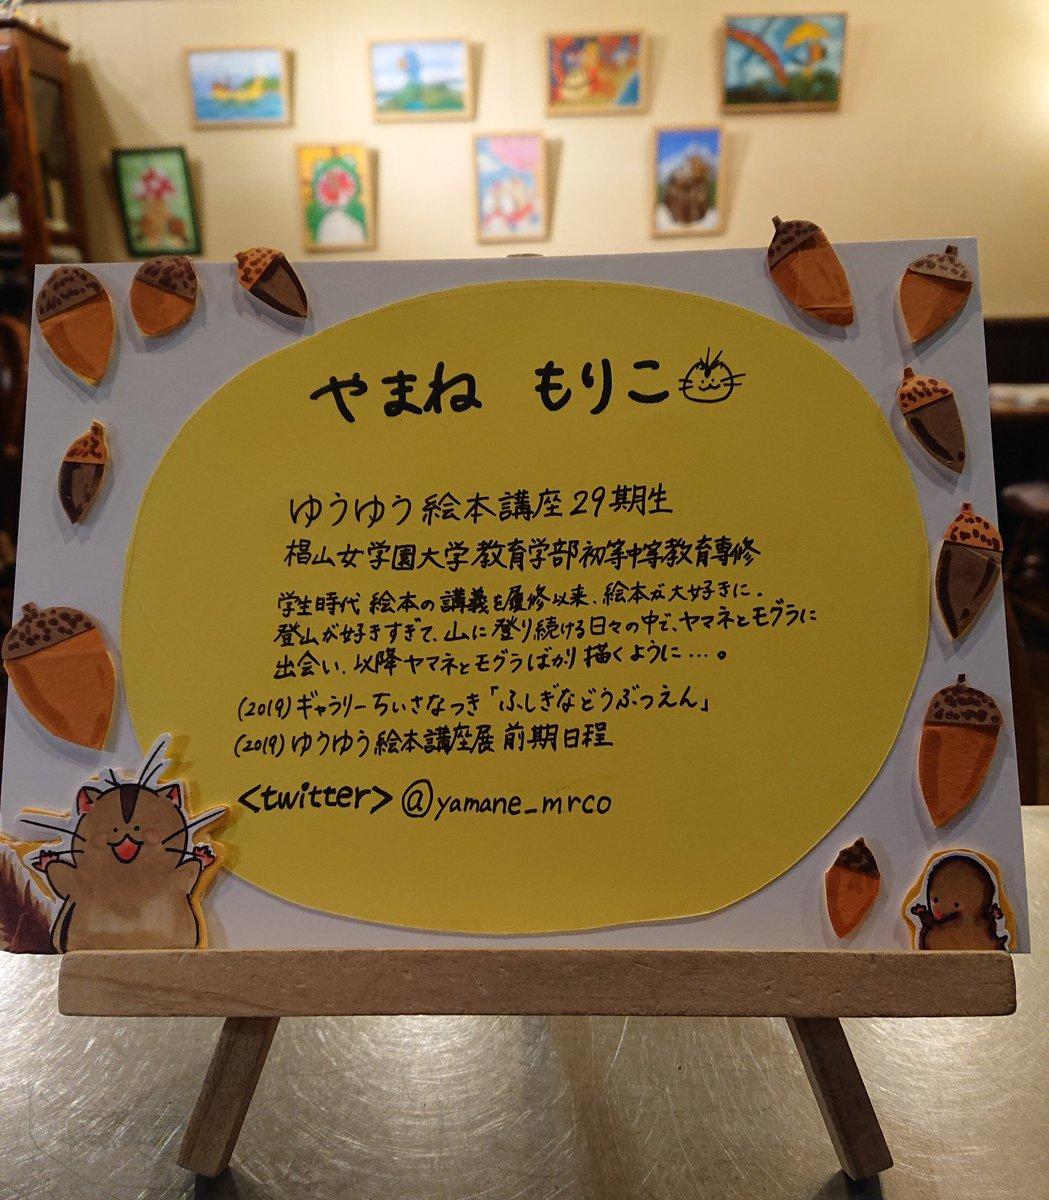 【拡散希望】  やまねもりこさんの絵画展 『やまねーずおおあばれ展』  会期を5月10日まで 延長させていただきます  状況が好転しますようにpic.twitter.com/KdB3ERRtSP